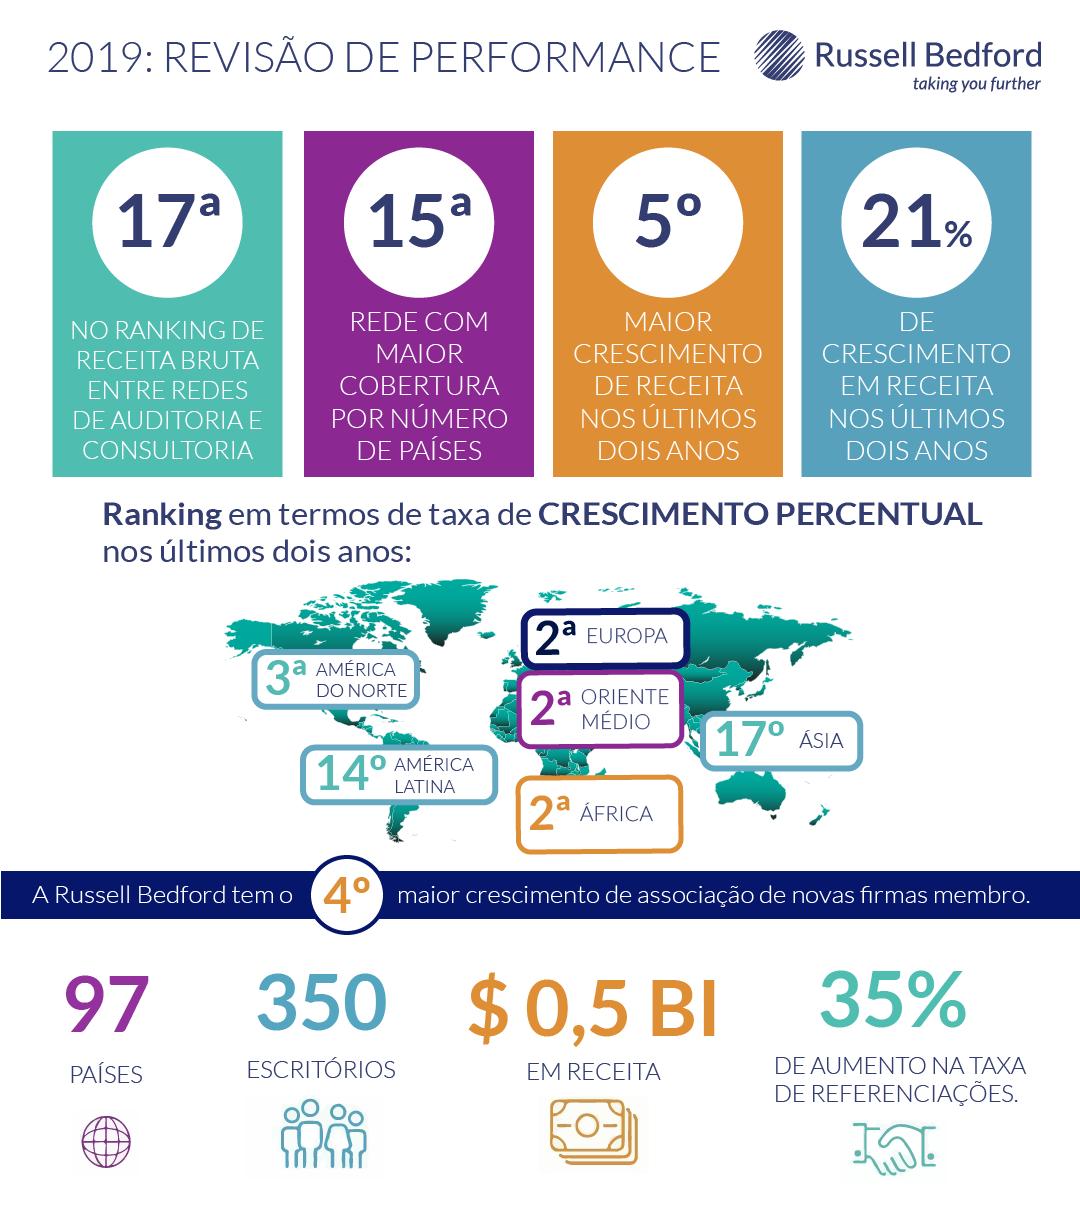 Infográfico Revisão de Performance Empresarial